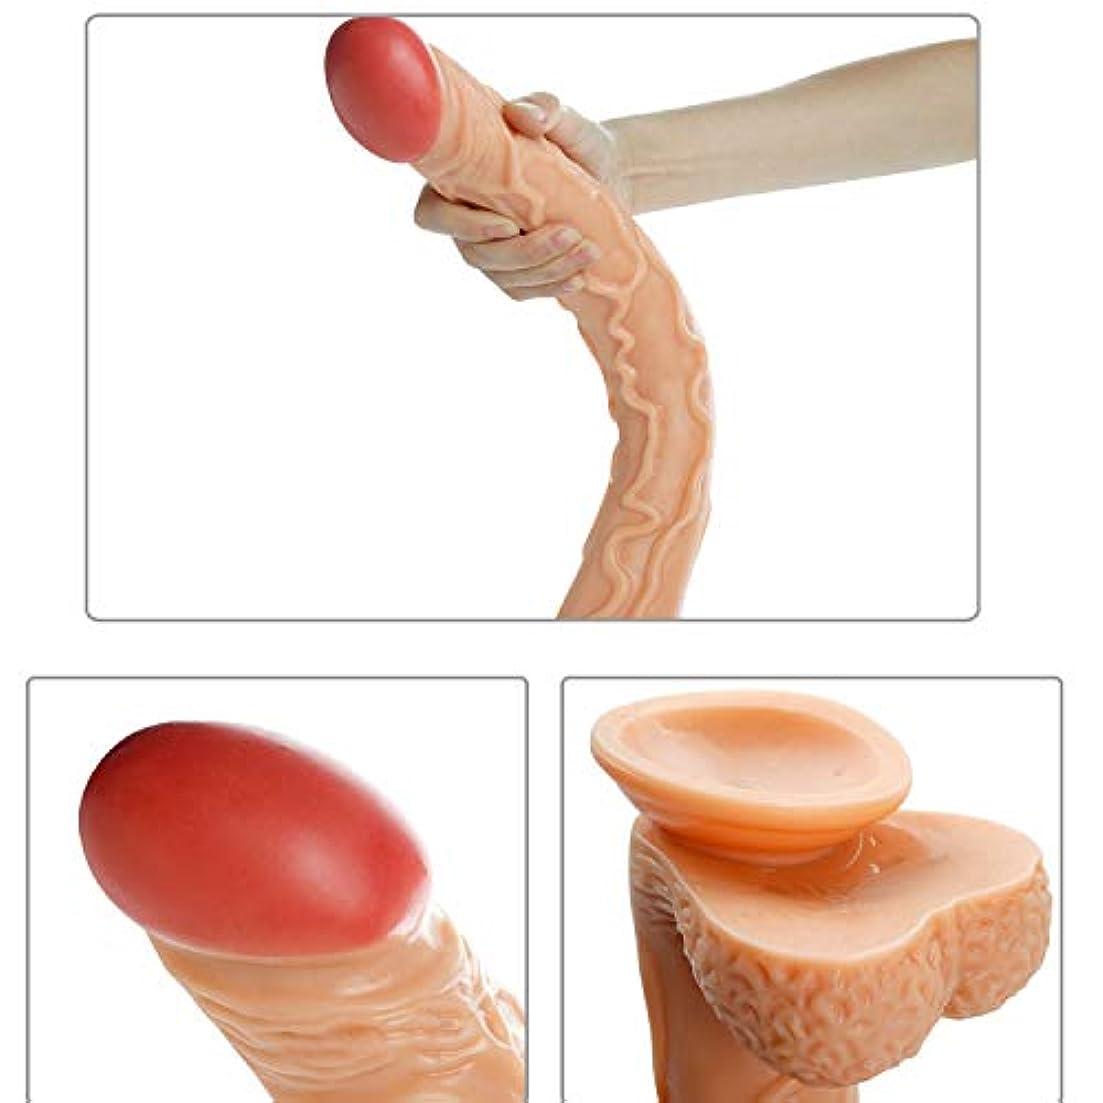 診療所飾り羽上下するFHLJ 16.4インチの過剰なシリコン?î`ld?s 'MasssǎgerWand Tiptop Personal Body Massage Wand